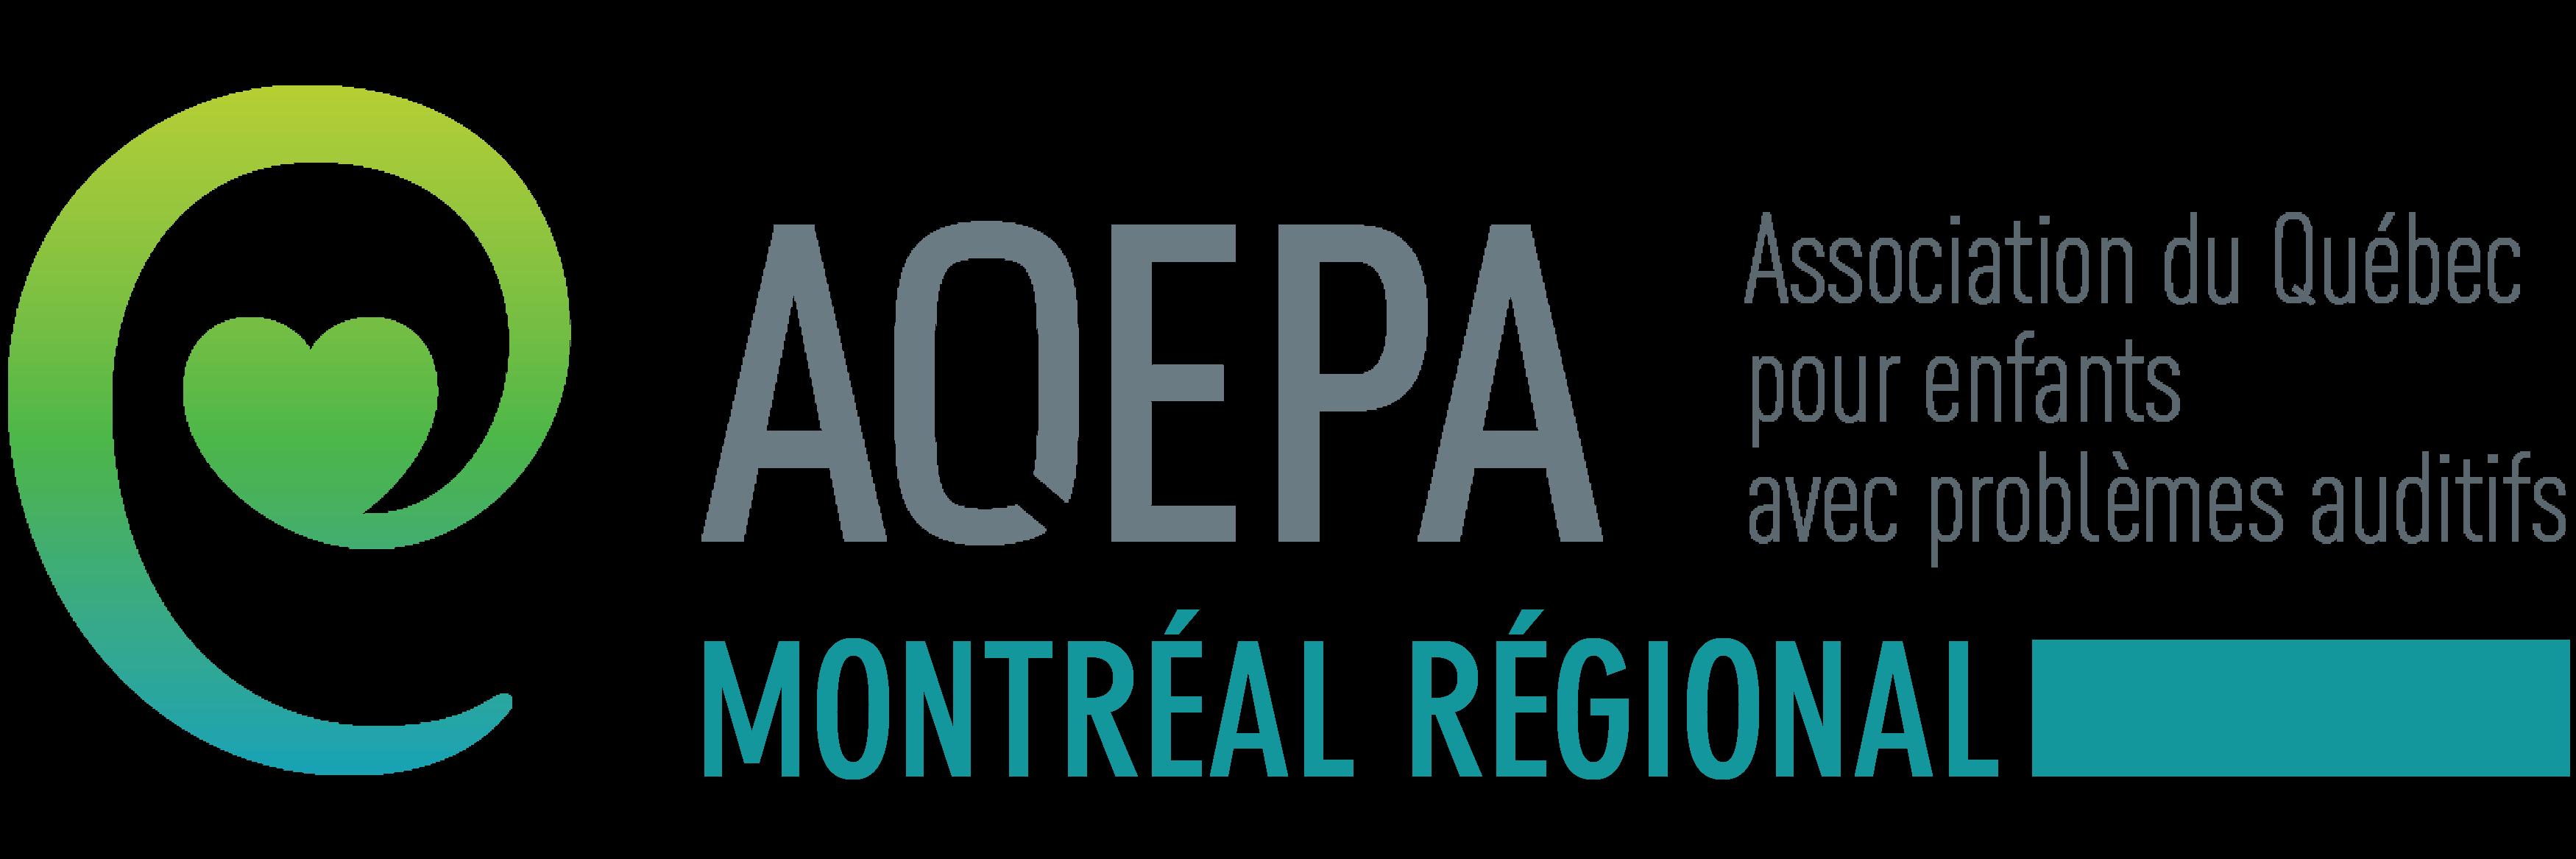 Logo AQEPA Montréal Régional